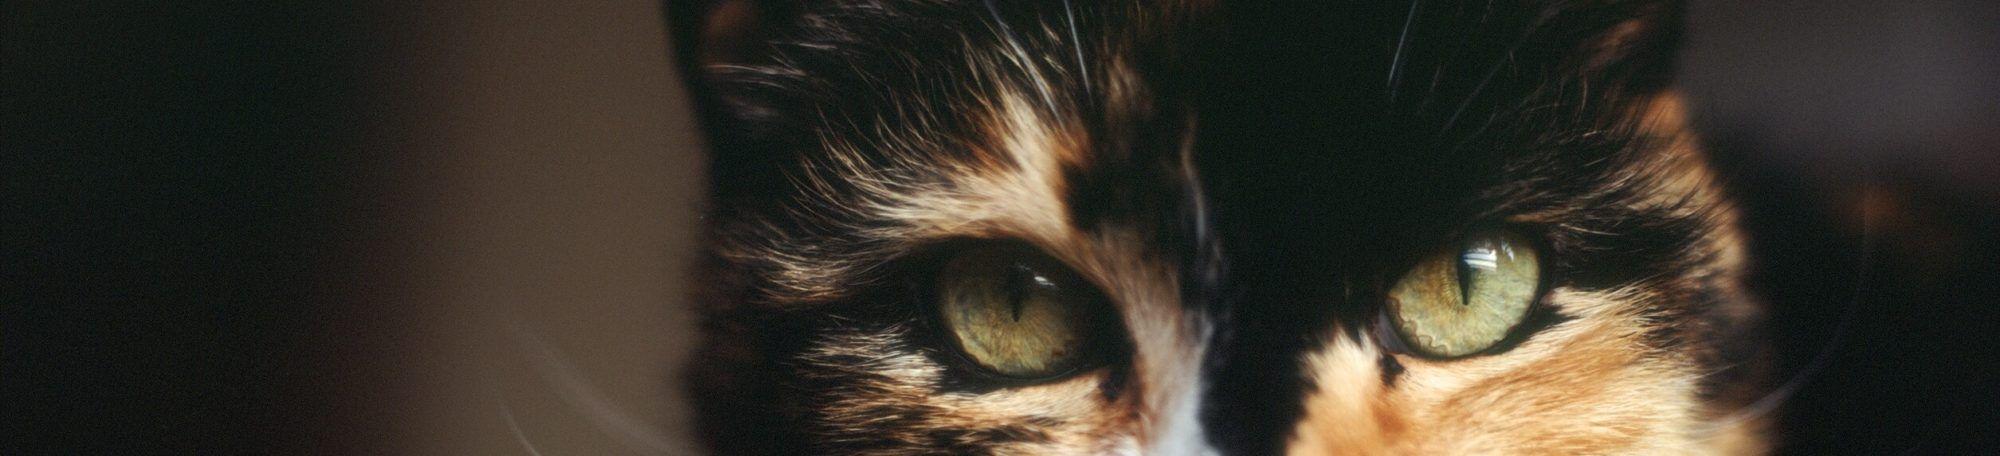 Koci Koci... Drapki!